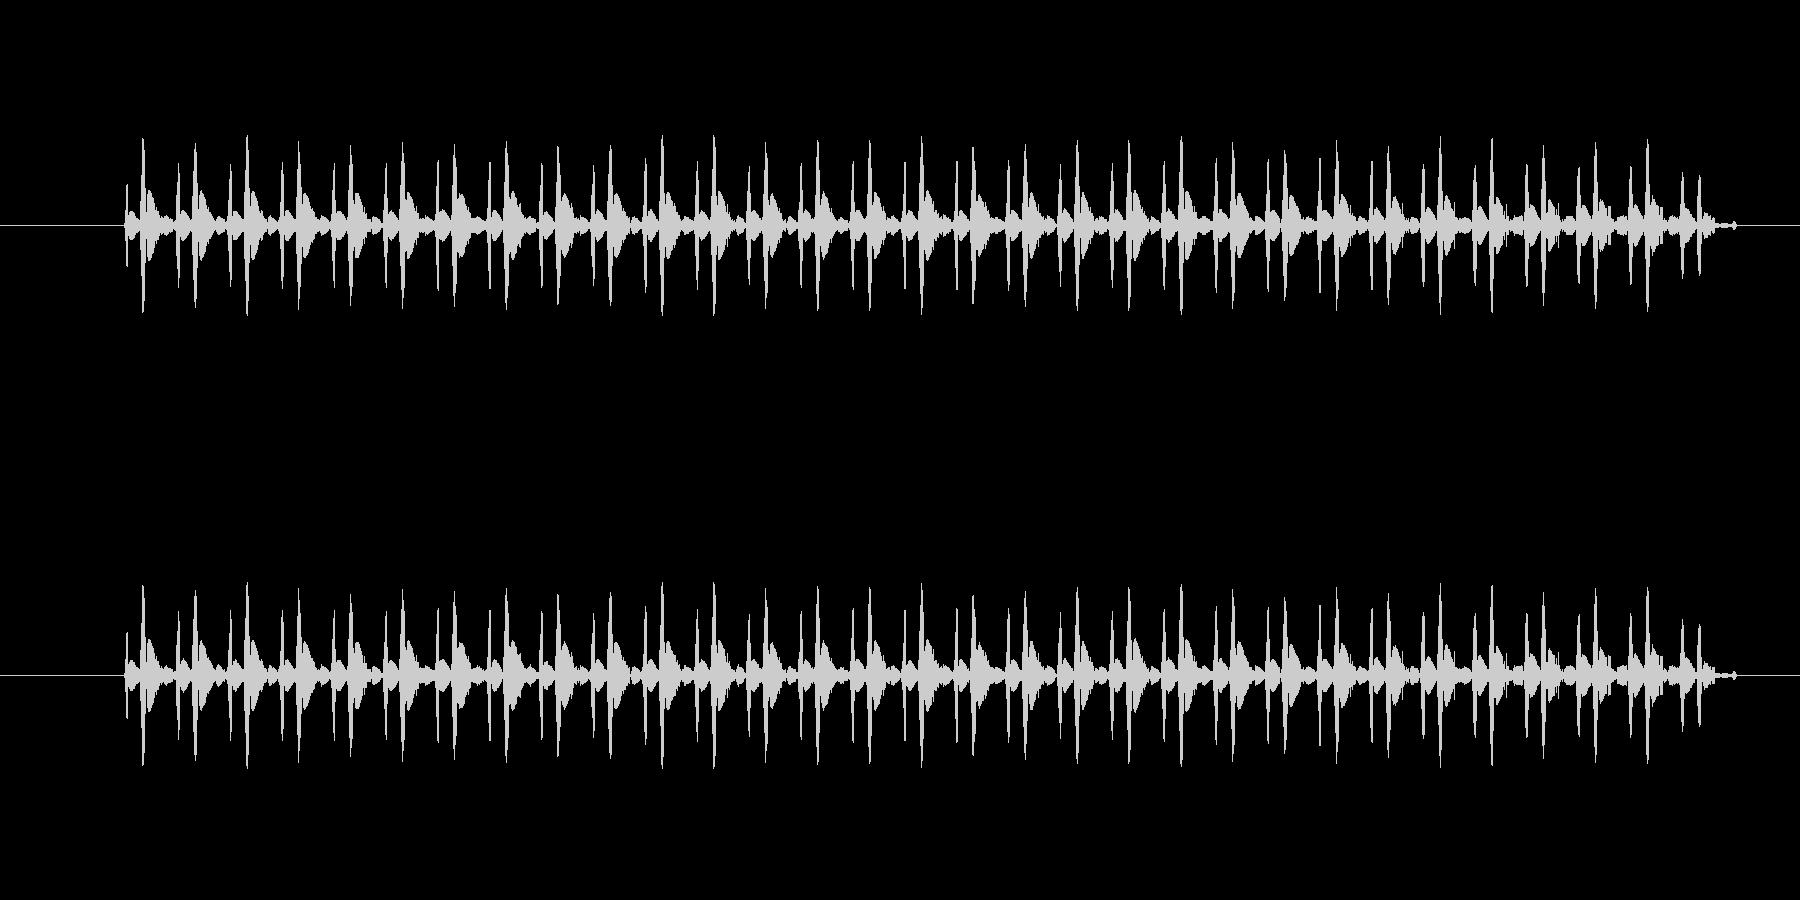 ゲーム、クイズ(ブー音)_003の未再生の波形